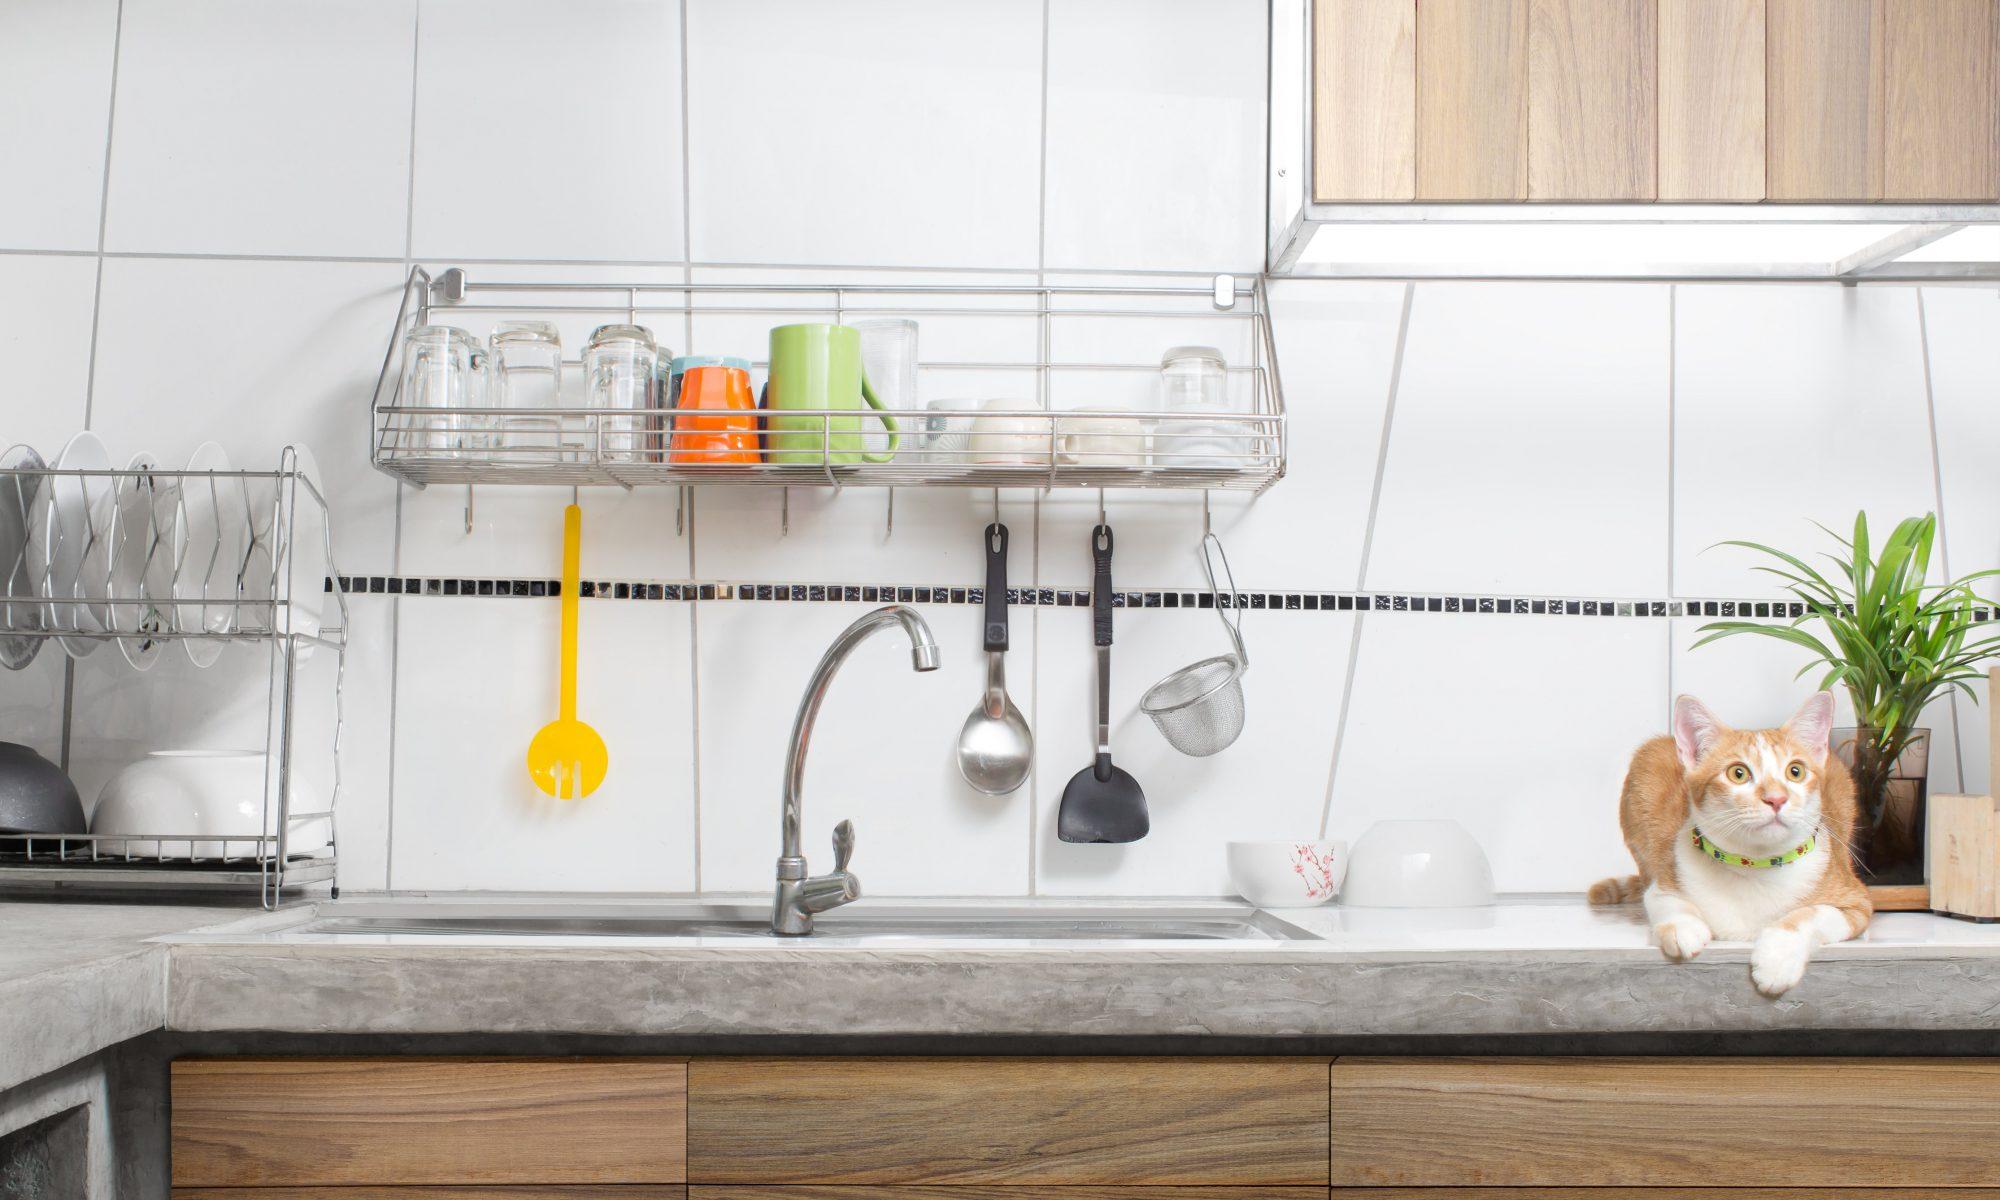 Réparer Un Carreau De Carrelage Fissuré carrelage fissuré dans la cuisine : comment réparer ?